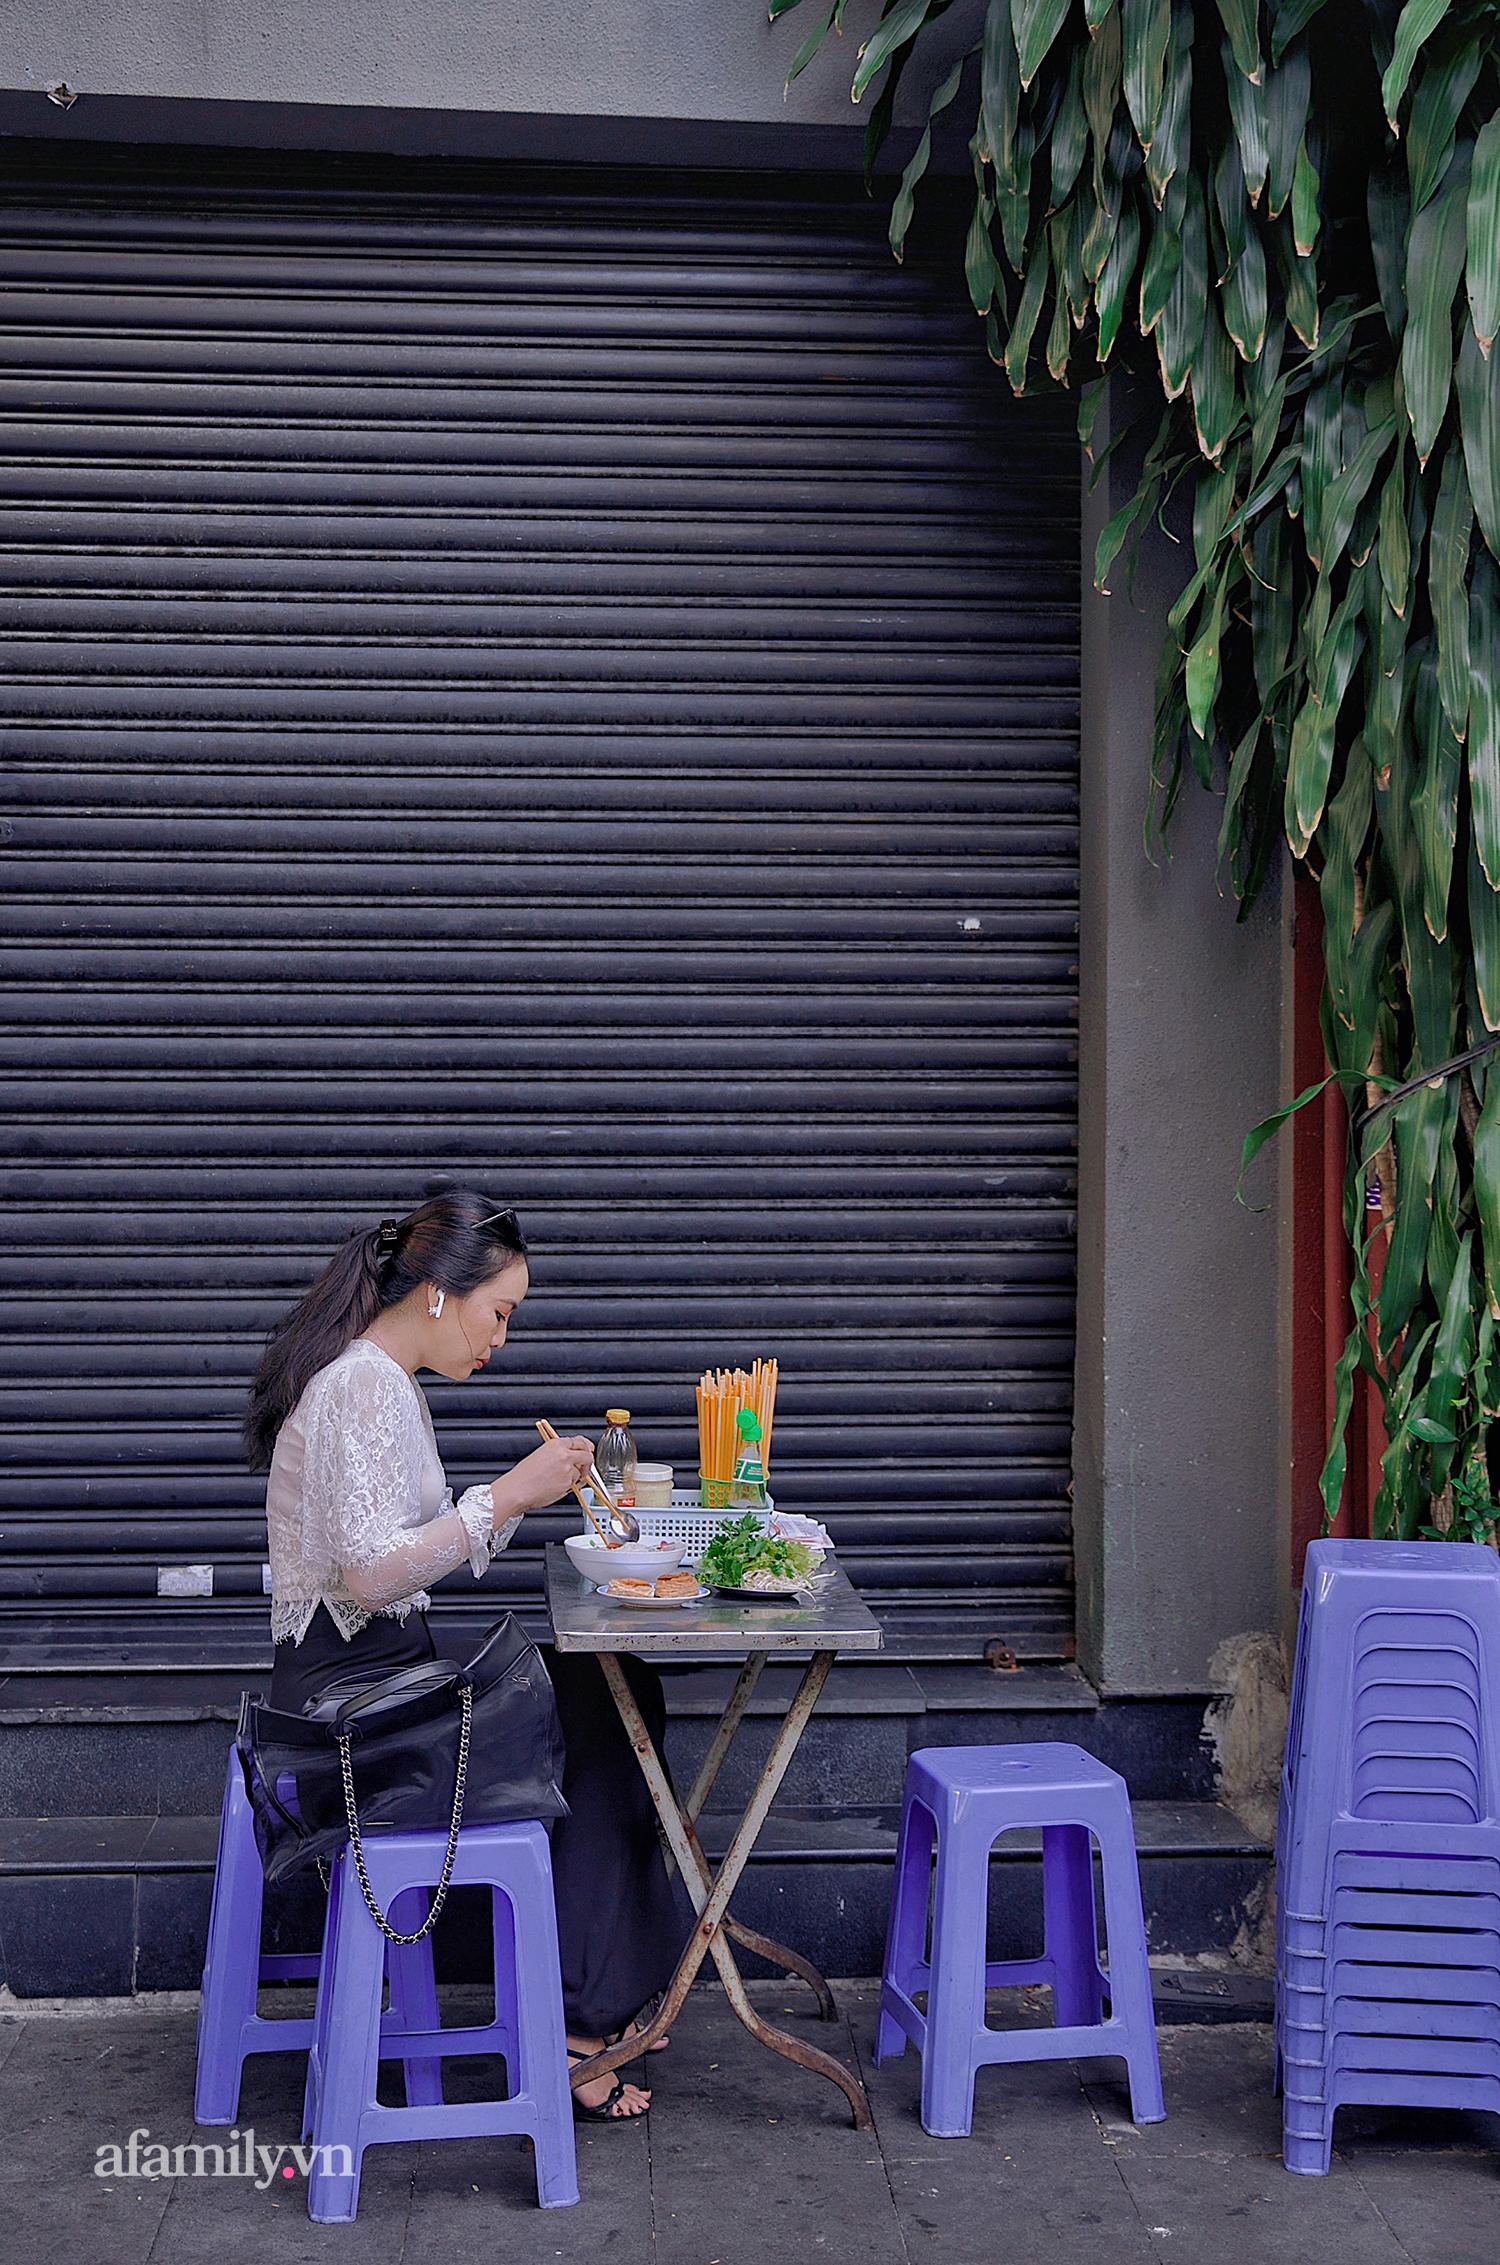 """Tiệm hủ tiếu hơn 70 năm nổi tiếng với nồi sốt cà chua hầm cả Sài Gòn không đâu có, sở hữu tấm bảng hiệu được """"định giá"""" nghìn đô và món bánh Pháp """"phải siêng mới được ăn!?"""" - Ảnh 9."""